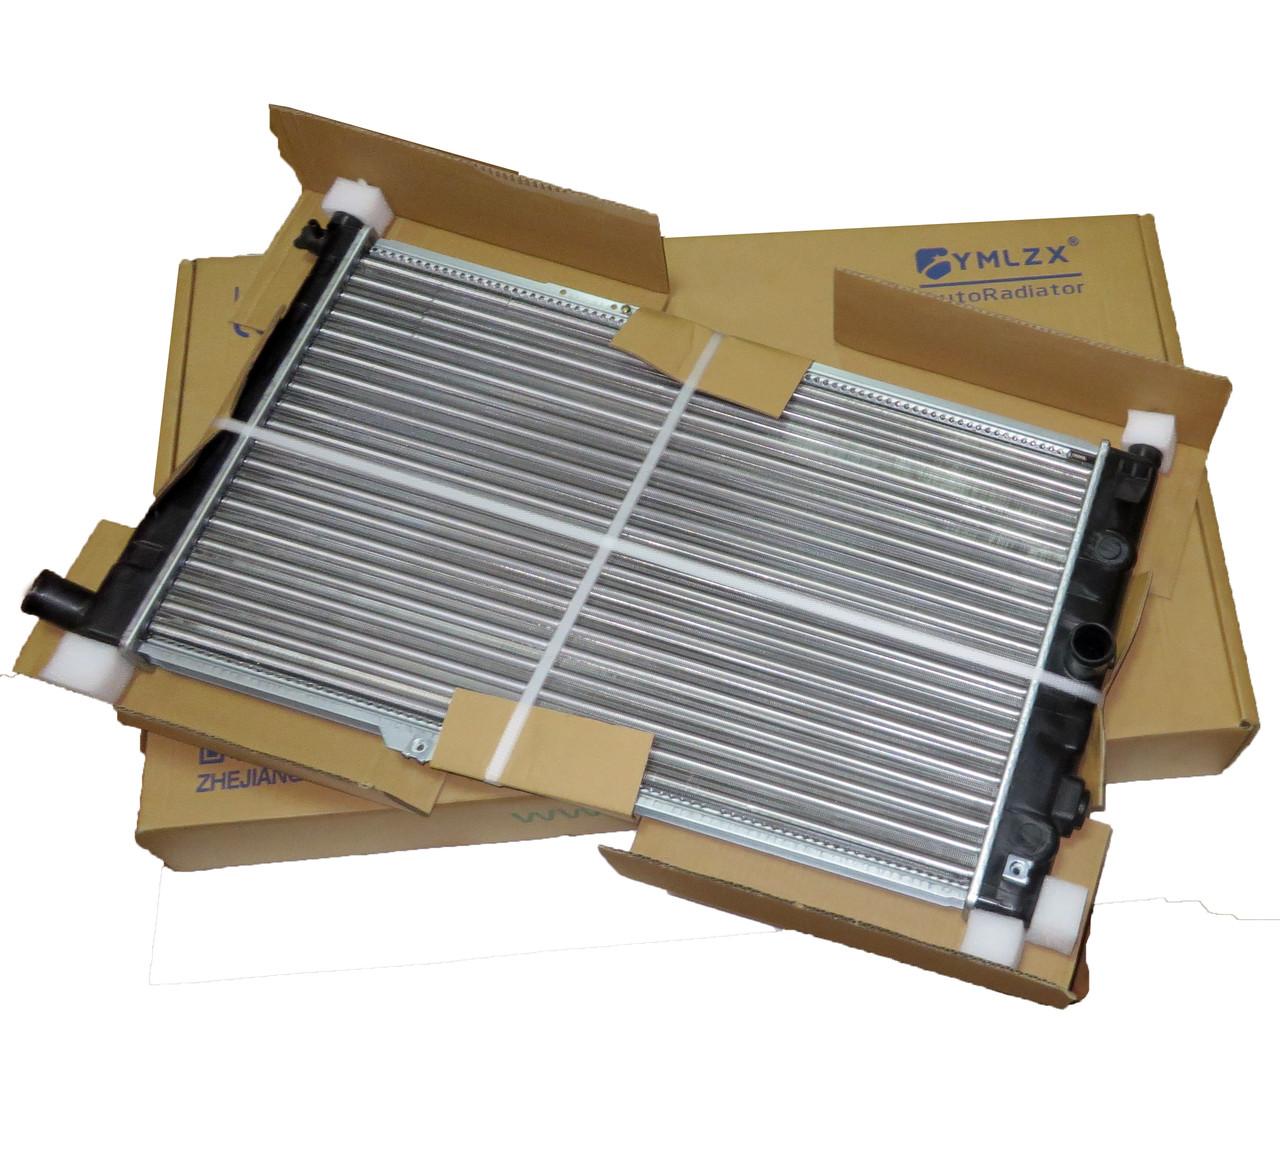 Радиатор основной Нексия МКПП, YMLZX, YML-R042, 96144850, 96144570, 96180782, 96144847